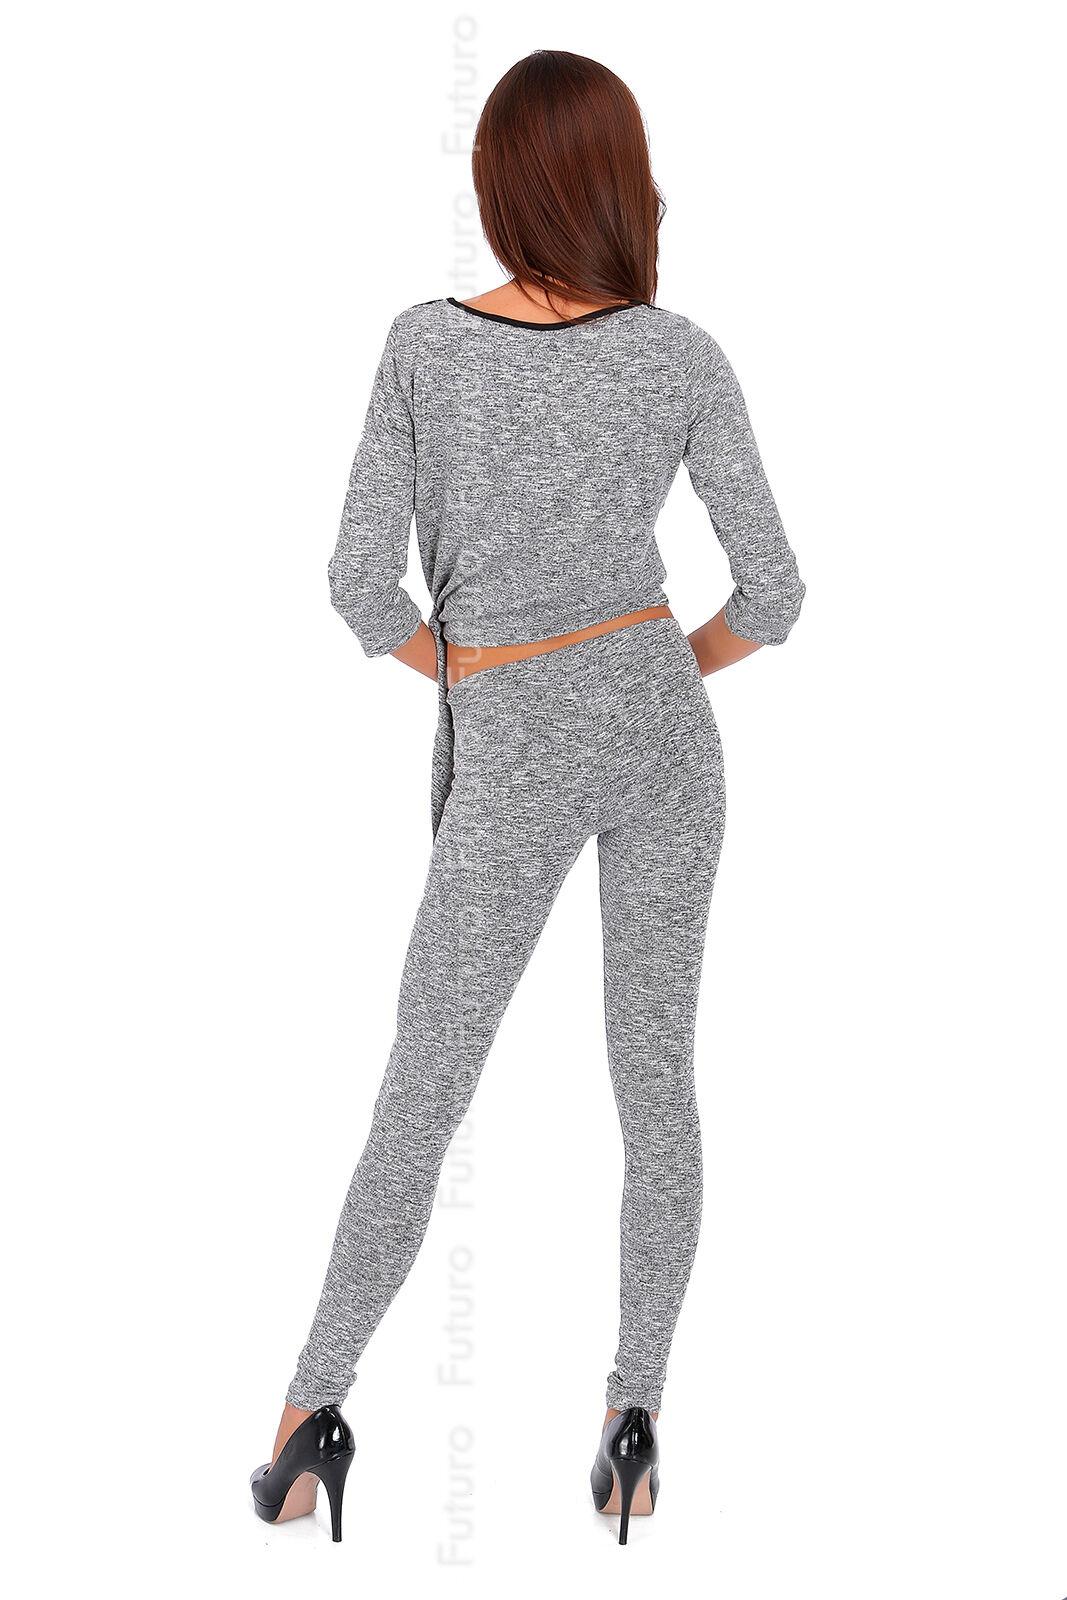 Damen Trainingsanzug Trainingsanzug Trainingsanzug 2-teiliges Set Bauchfreies Top Hose Trikot Suit Größen 8-14 | Bestellung willkommen  896834